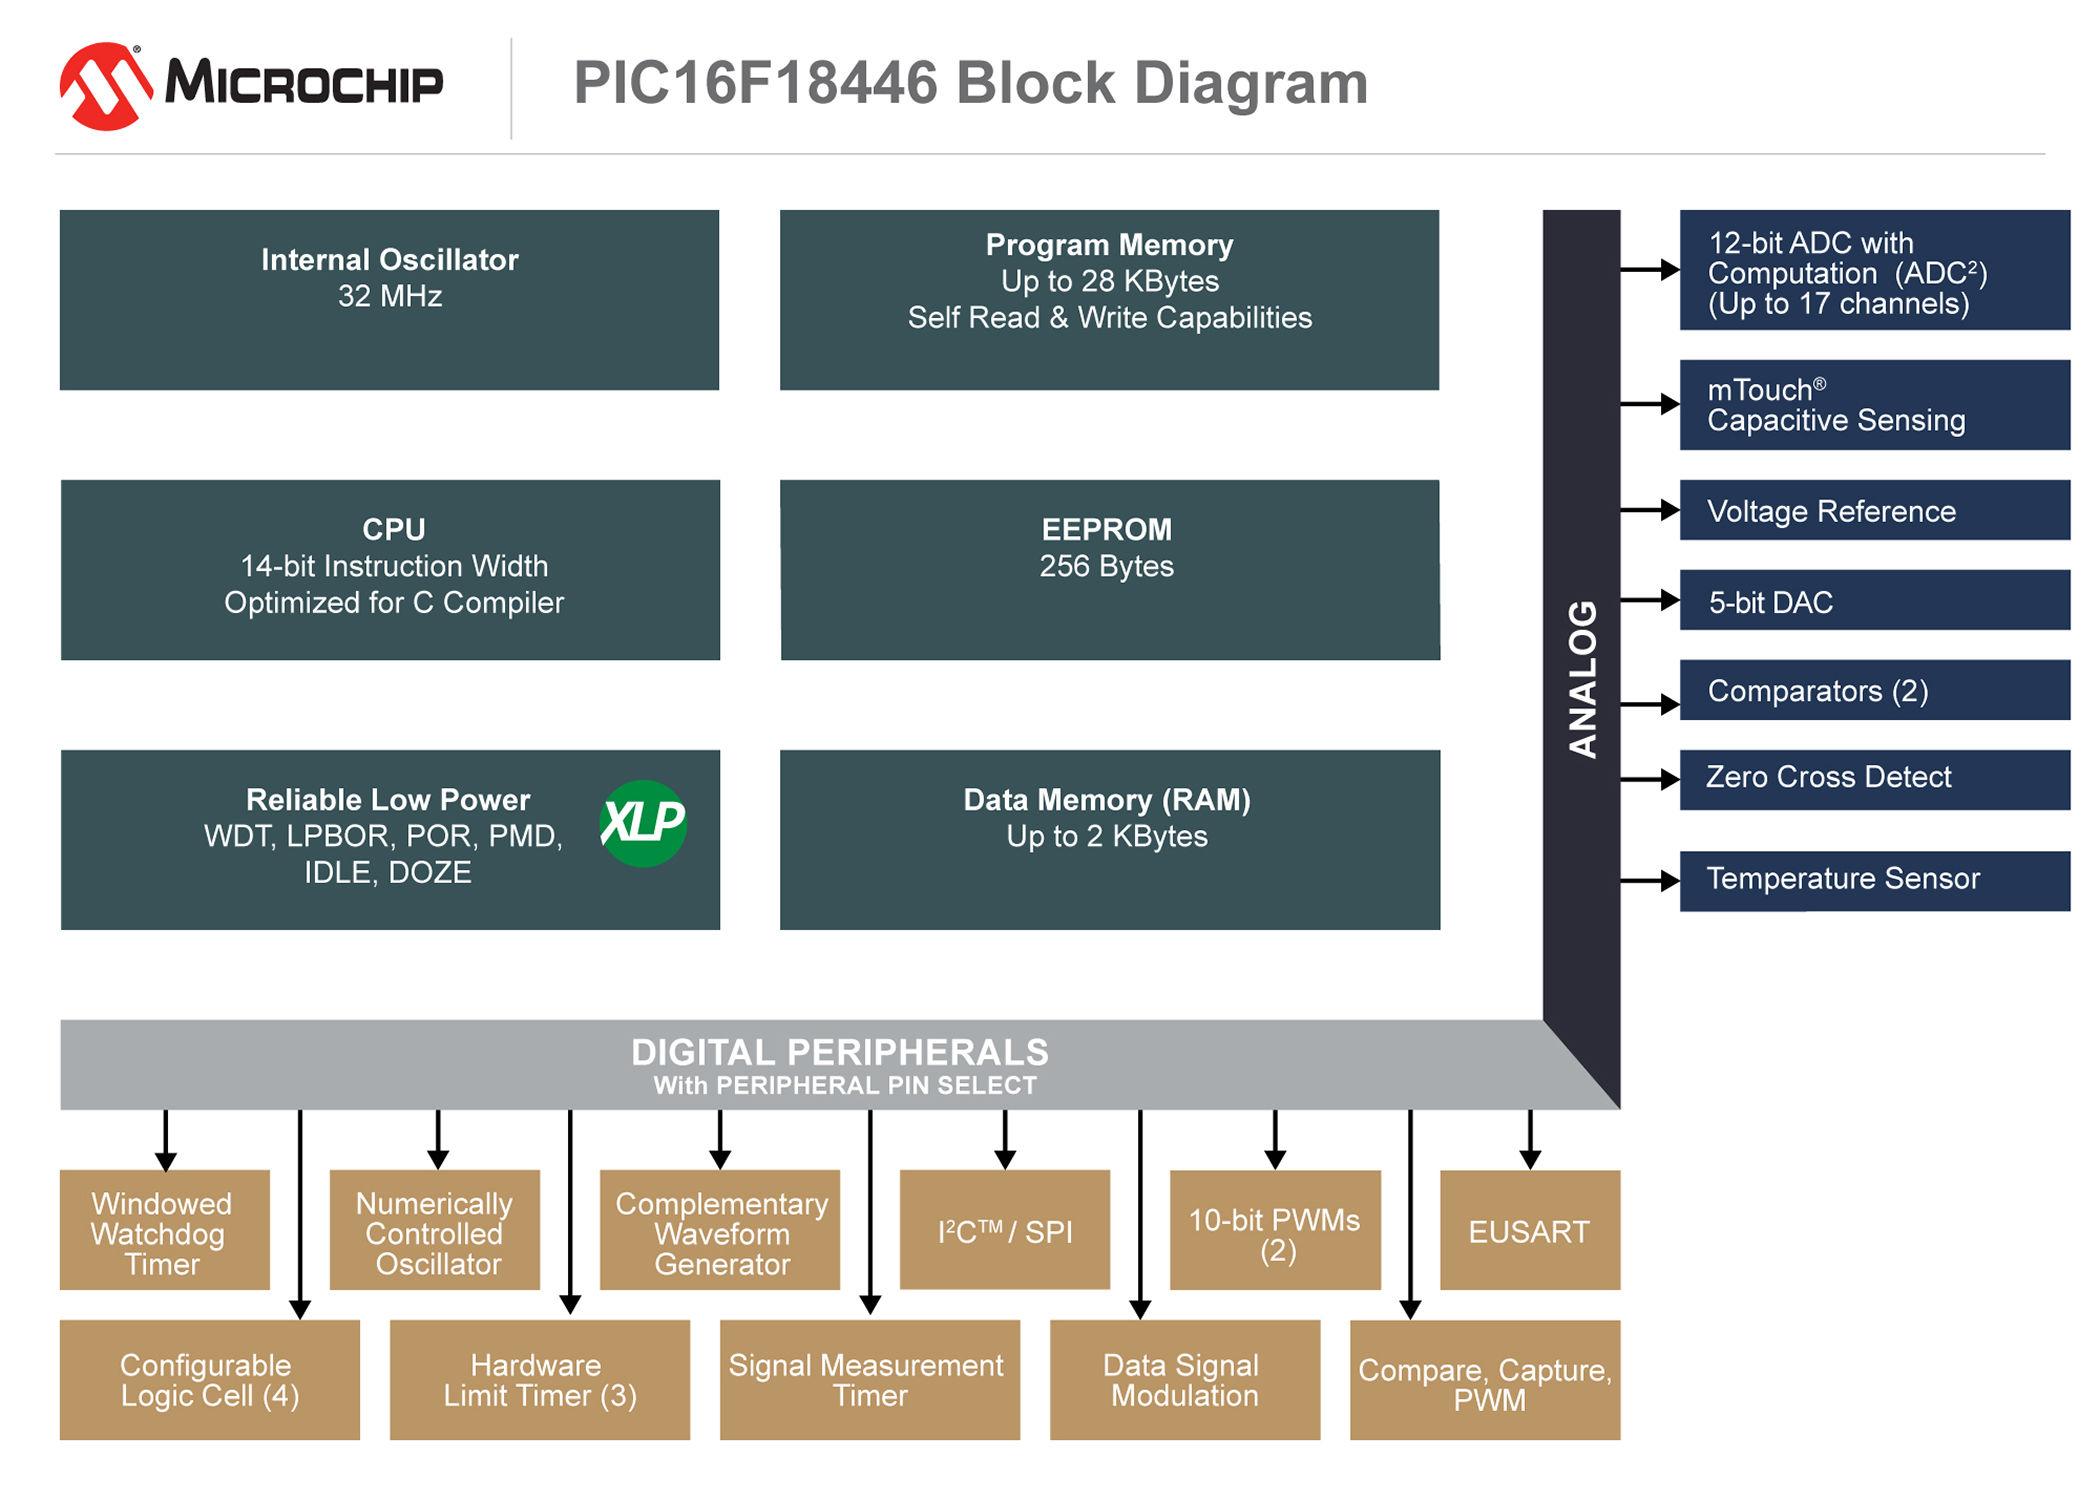 Microchip Offers Free PIC16F18446 8-bit MCU Development Boards